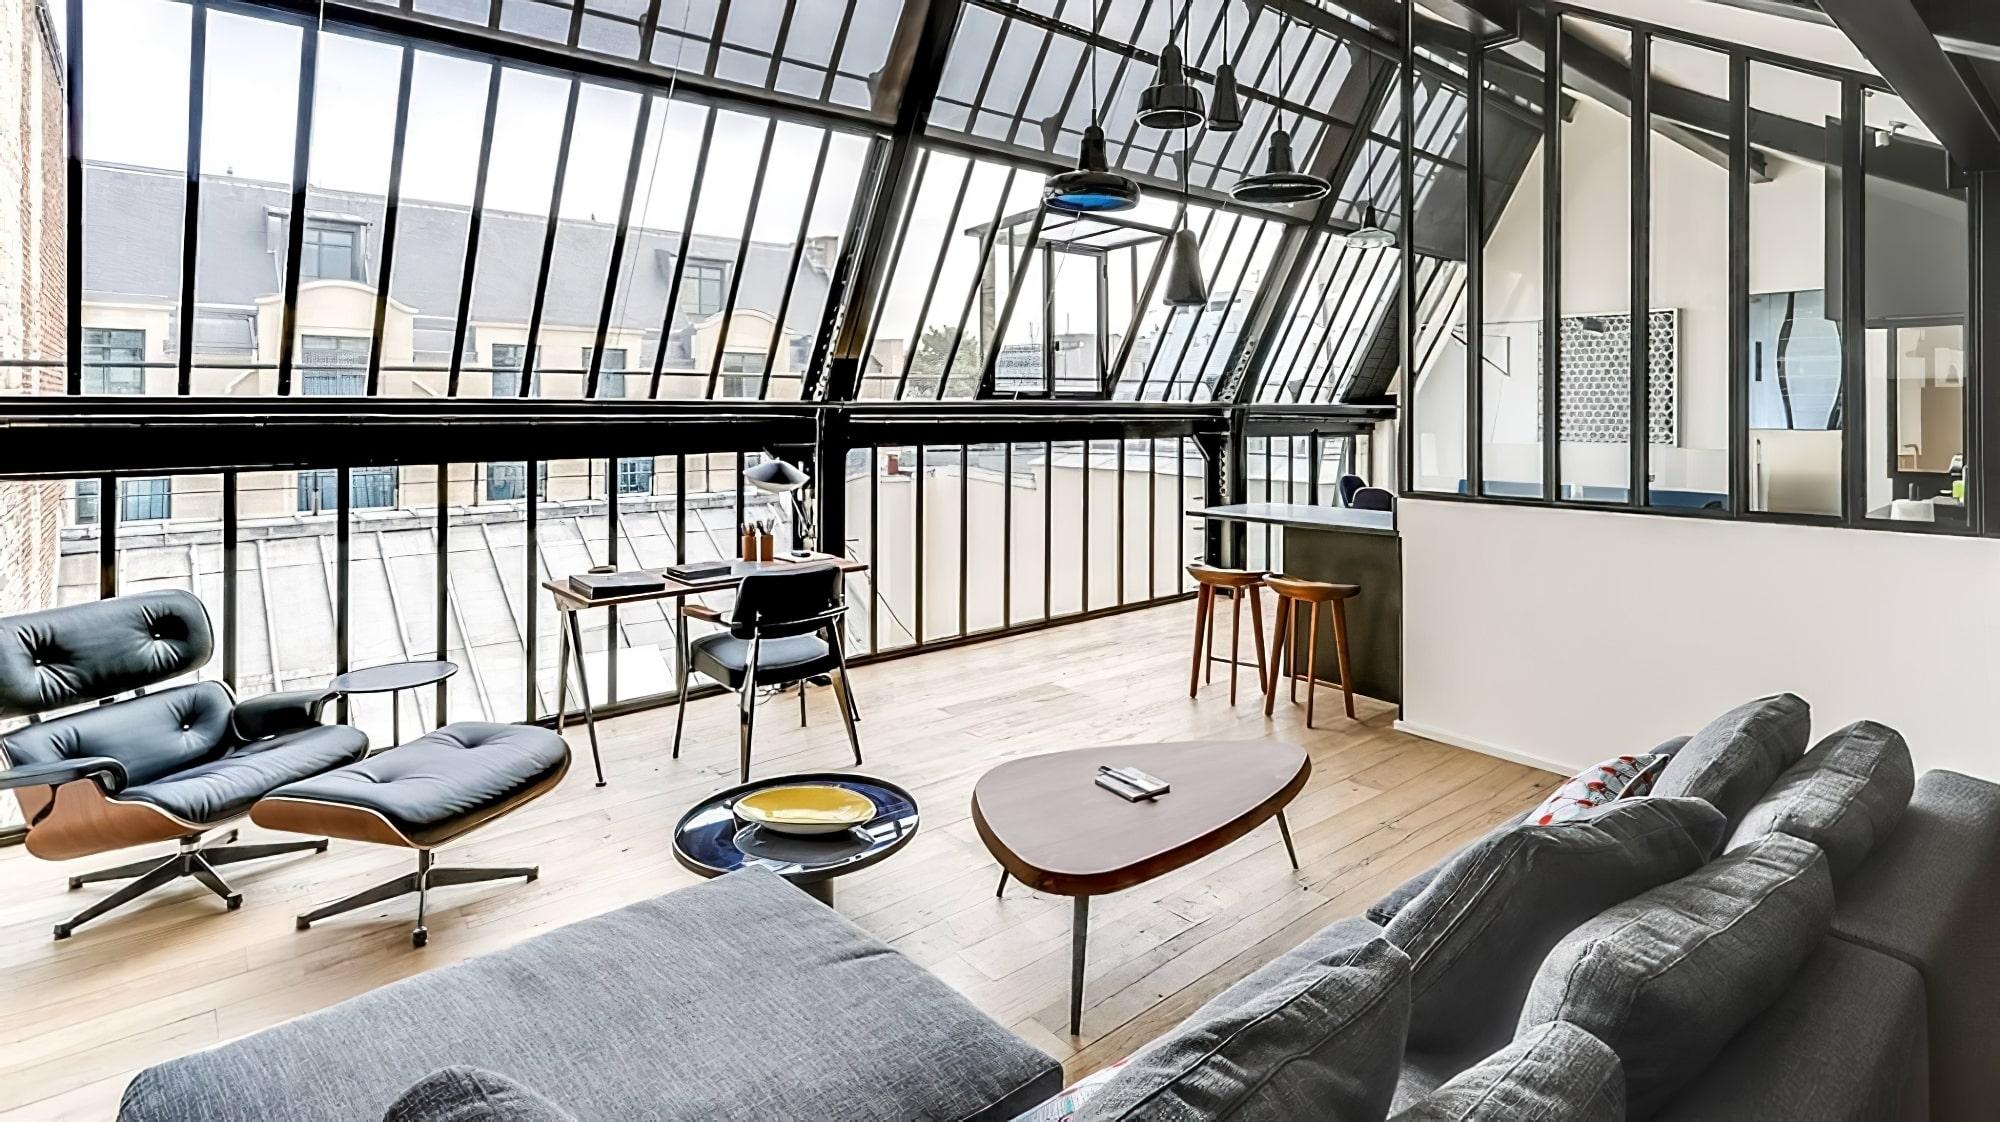 Créer une annonce Airbnb pour un appartement ou maison